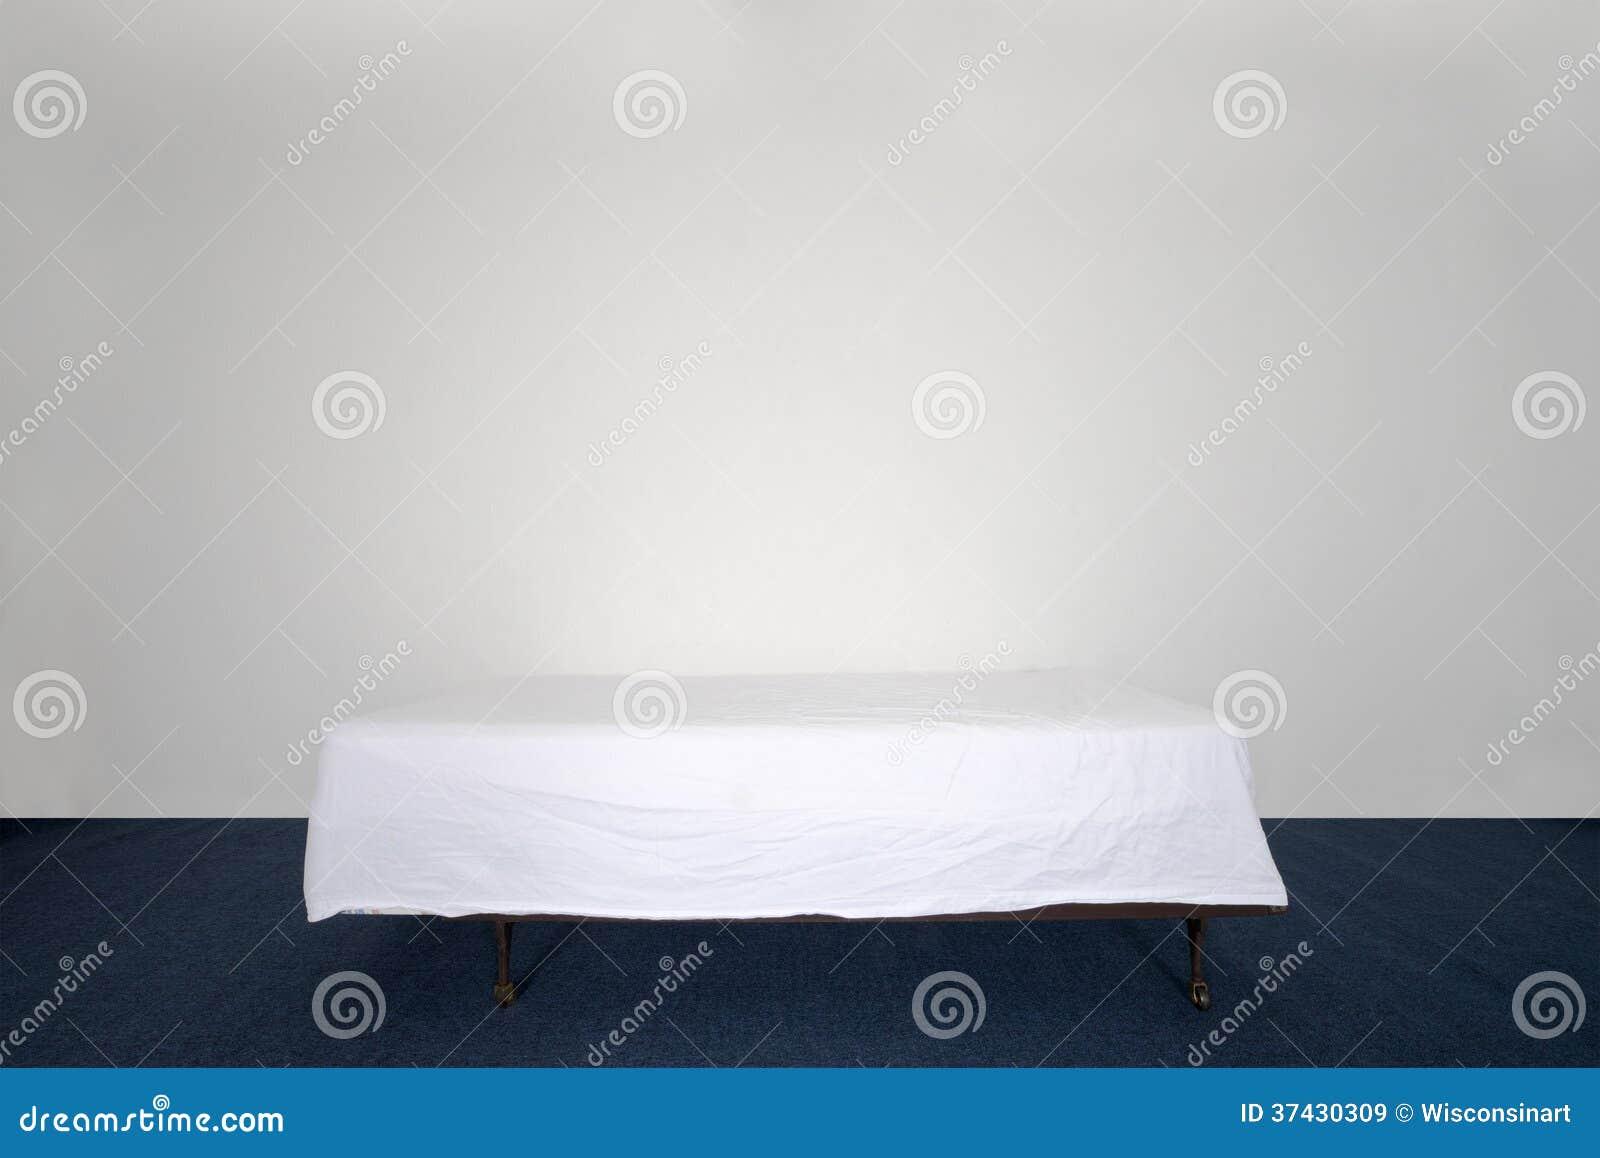 lit et matelas dans la chambre vide avec le mur vide image stock image du pi ce feuille 37430309. Black Bedroom Furniture Sets. Home Design Ideas